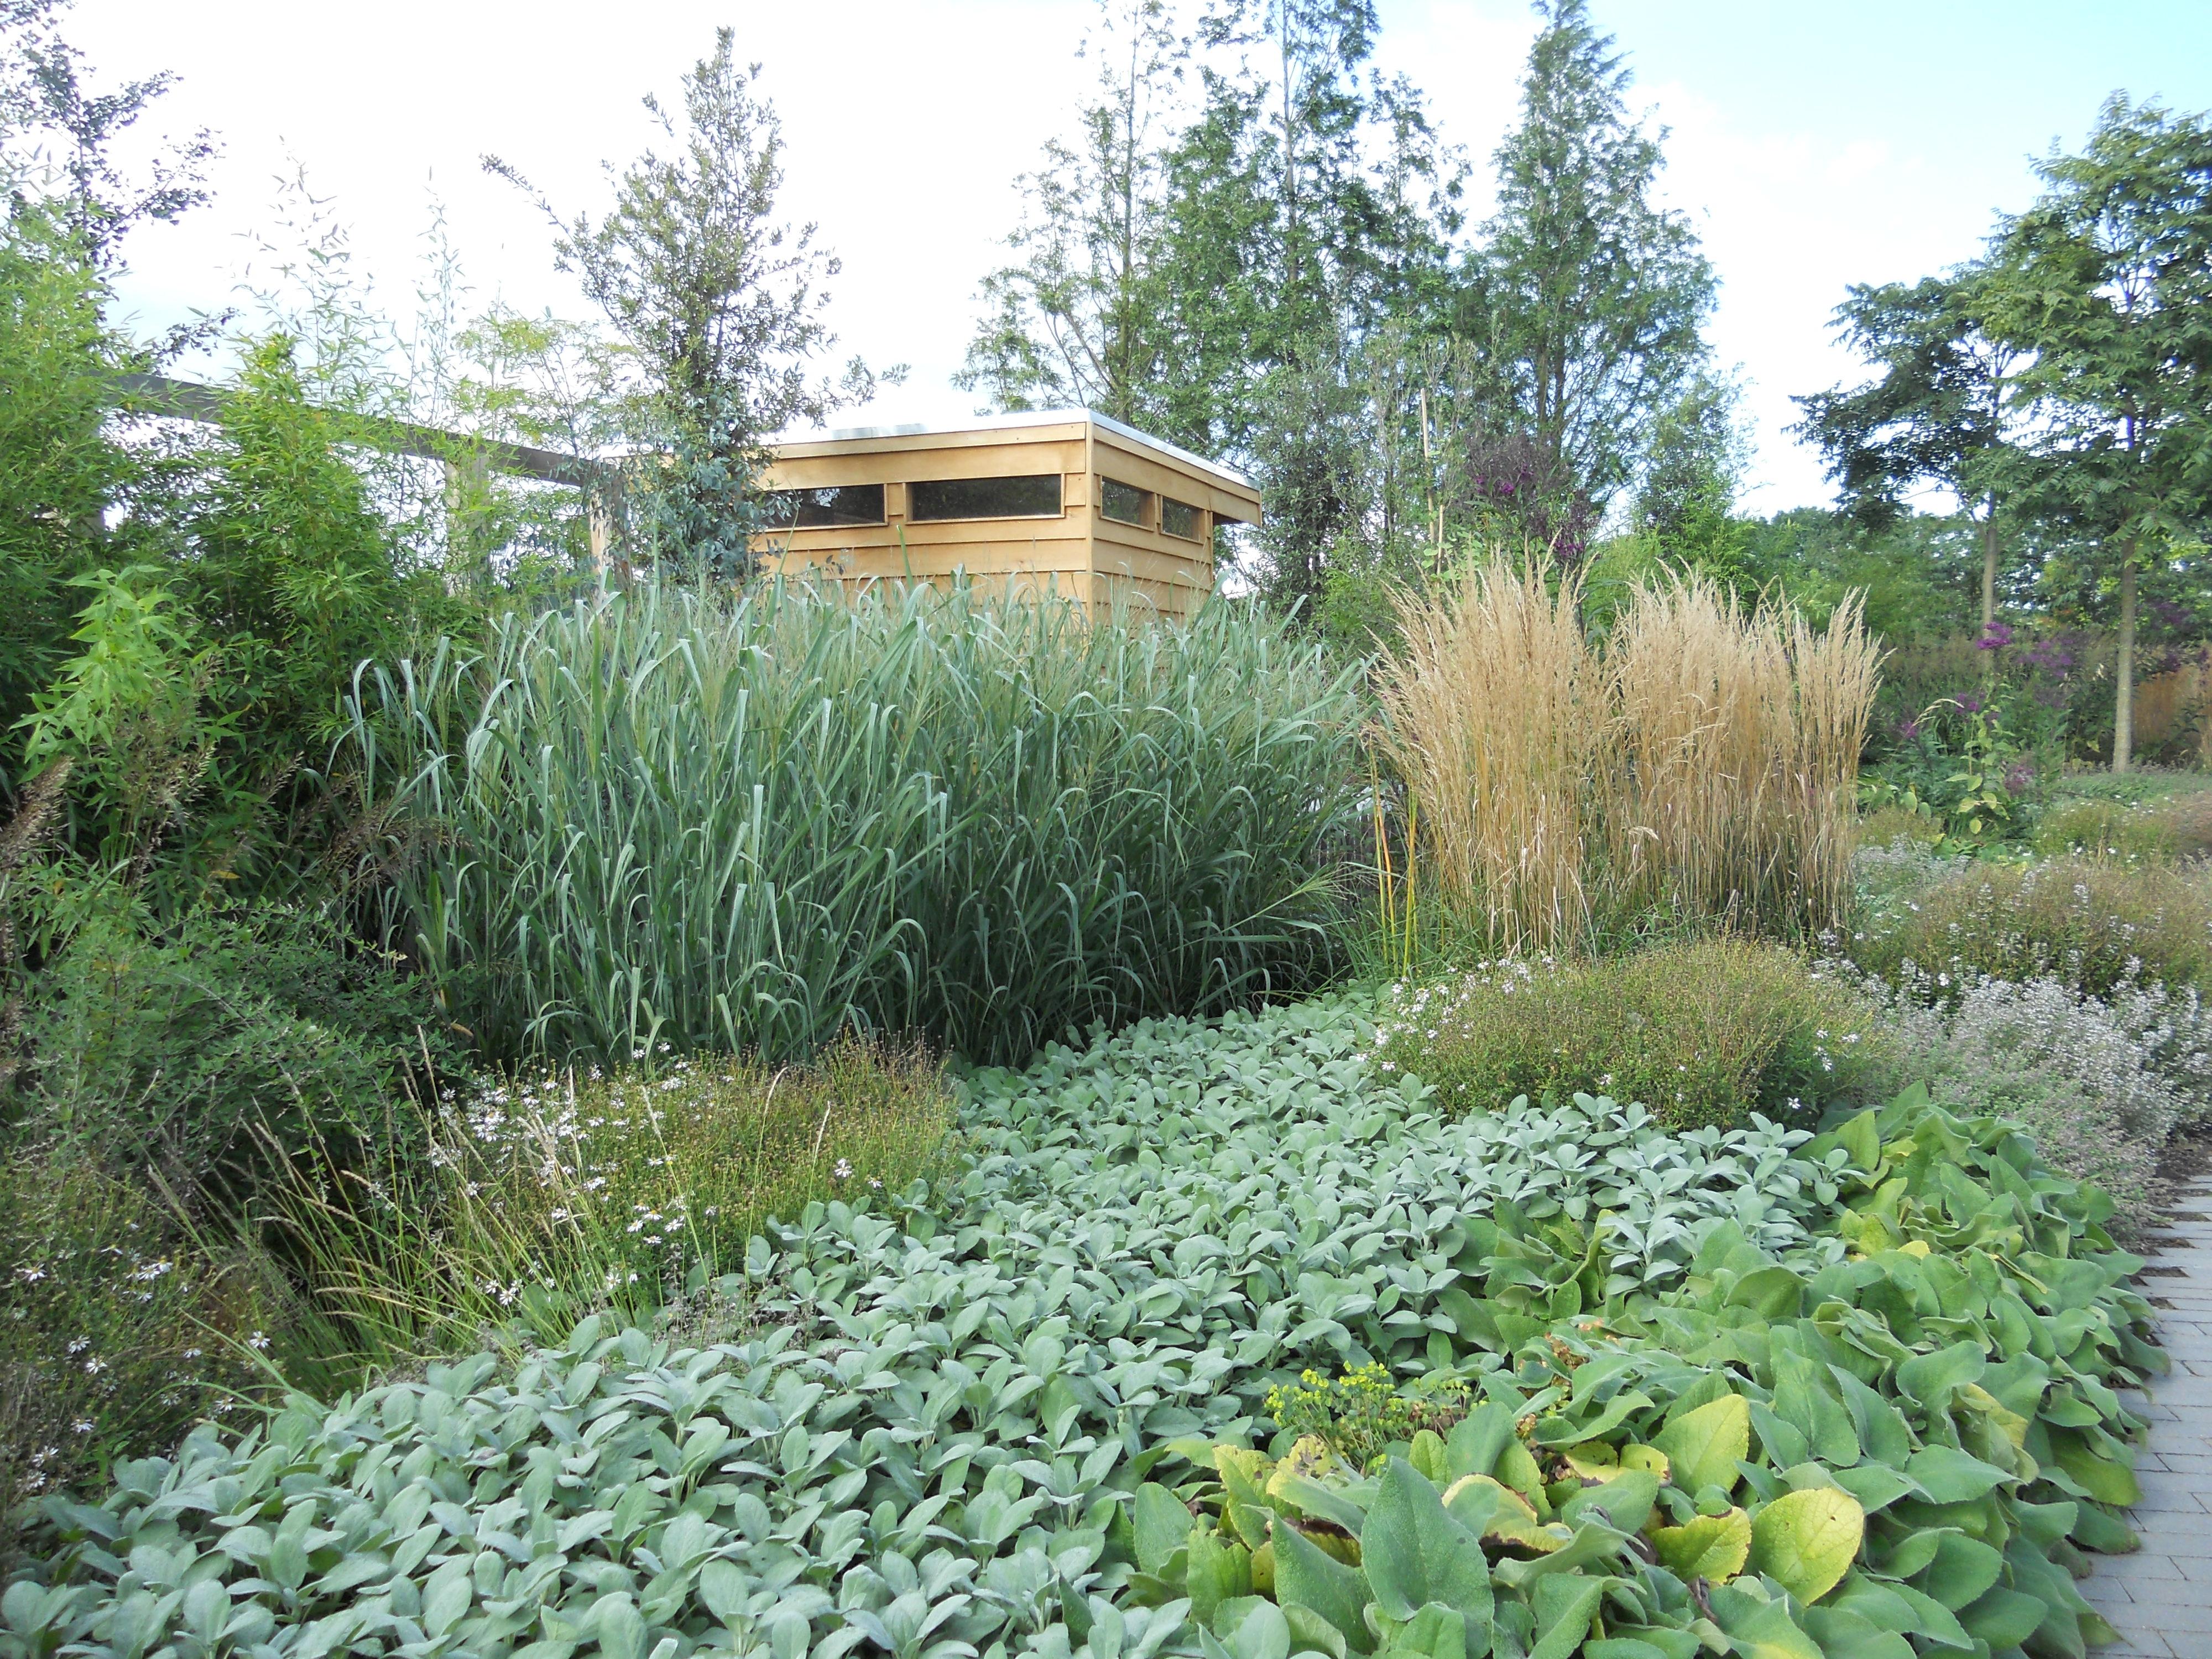 Le graminacee nei giardini linee co for Laghetti nei giardini